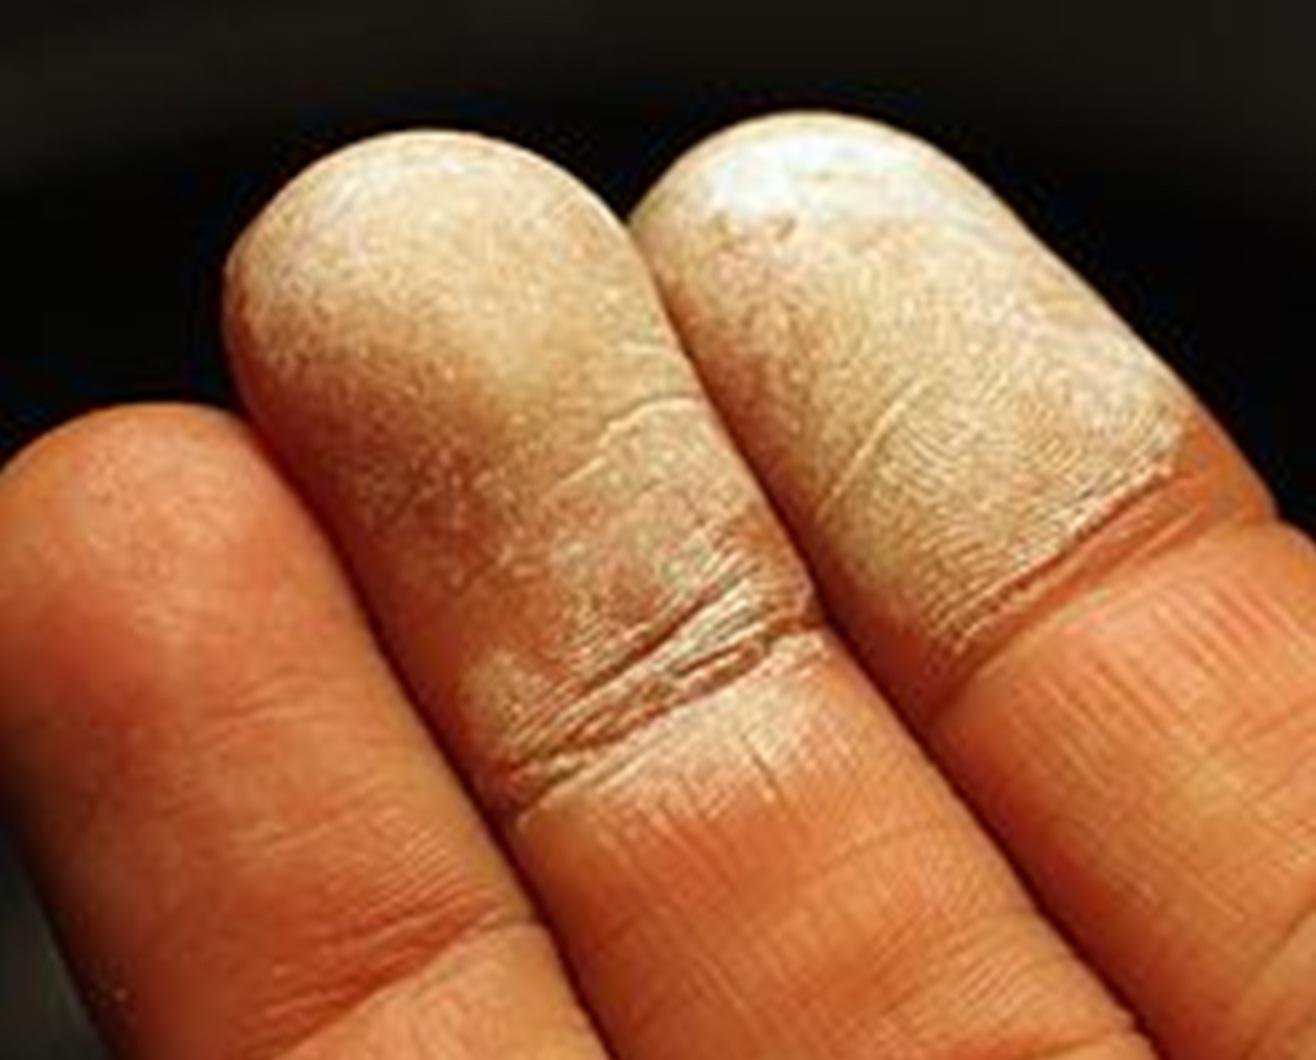 agua oxigenada linear unit solfa syllable piel mancha